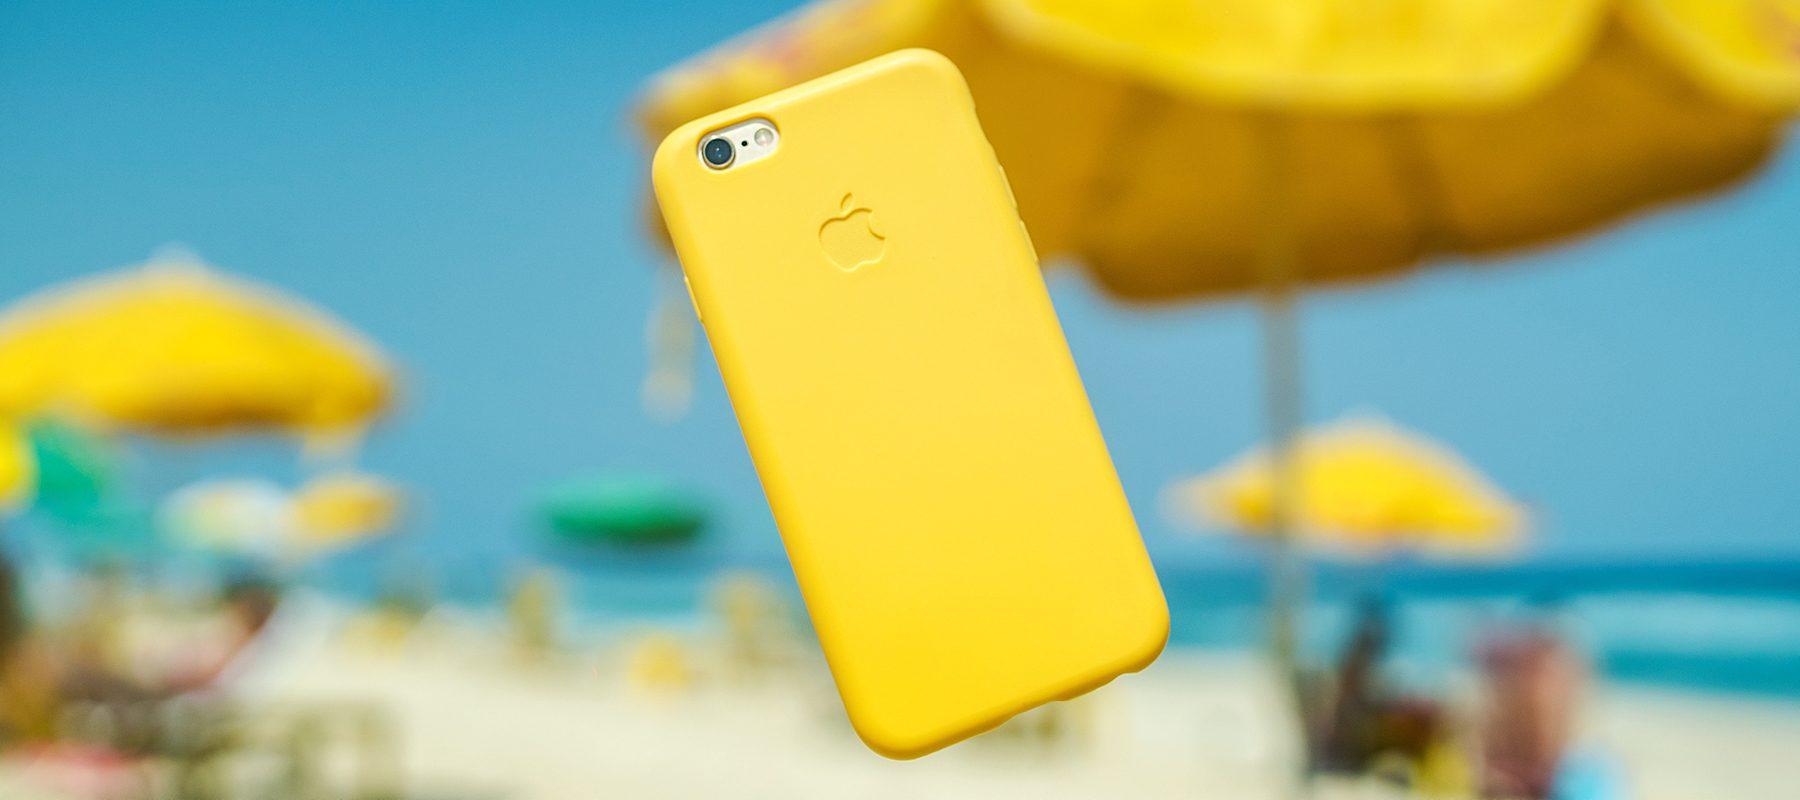 iphone case mobile accessoris